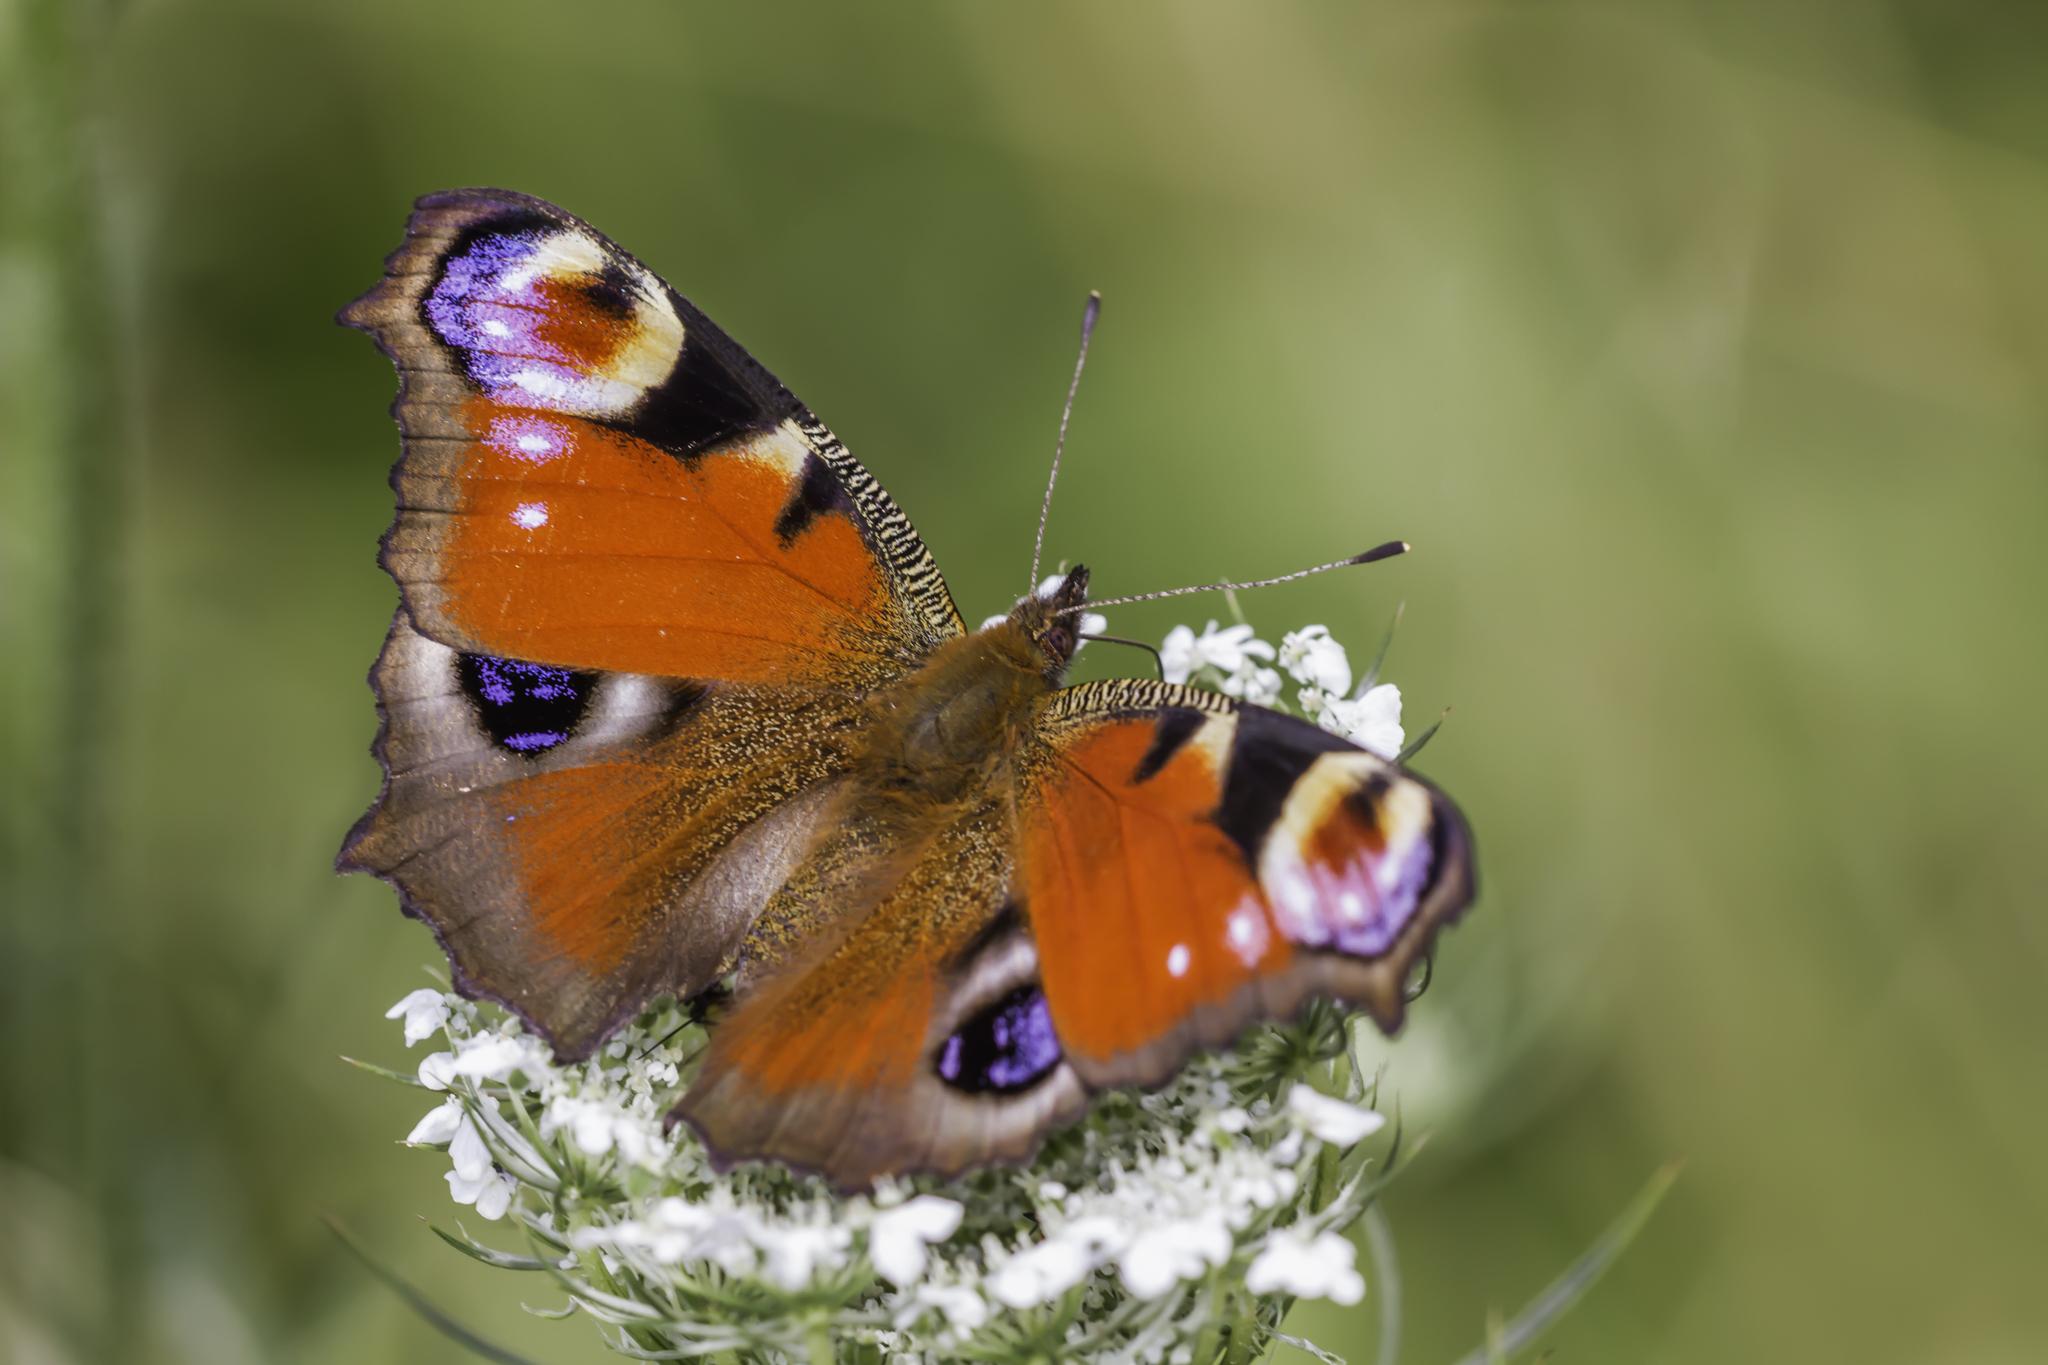 Dagpauwoog, Vlinder, Vlinders, Insect, Insecten, Vlinderfotografie, Vlinders fotograferen, Leo Deknatel, Deknatelfotografie